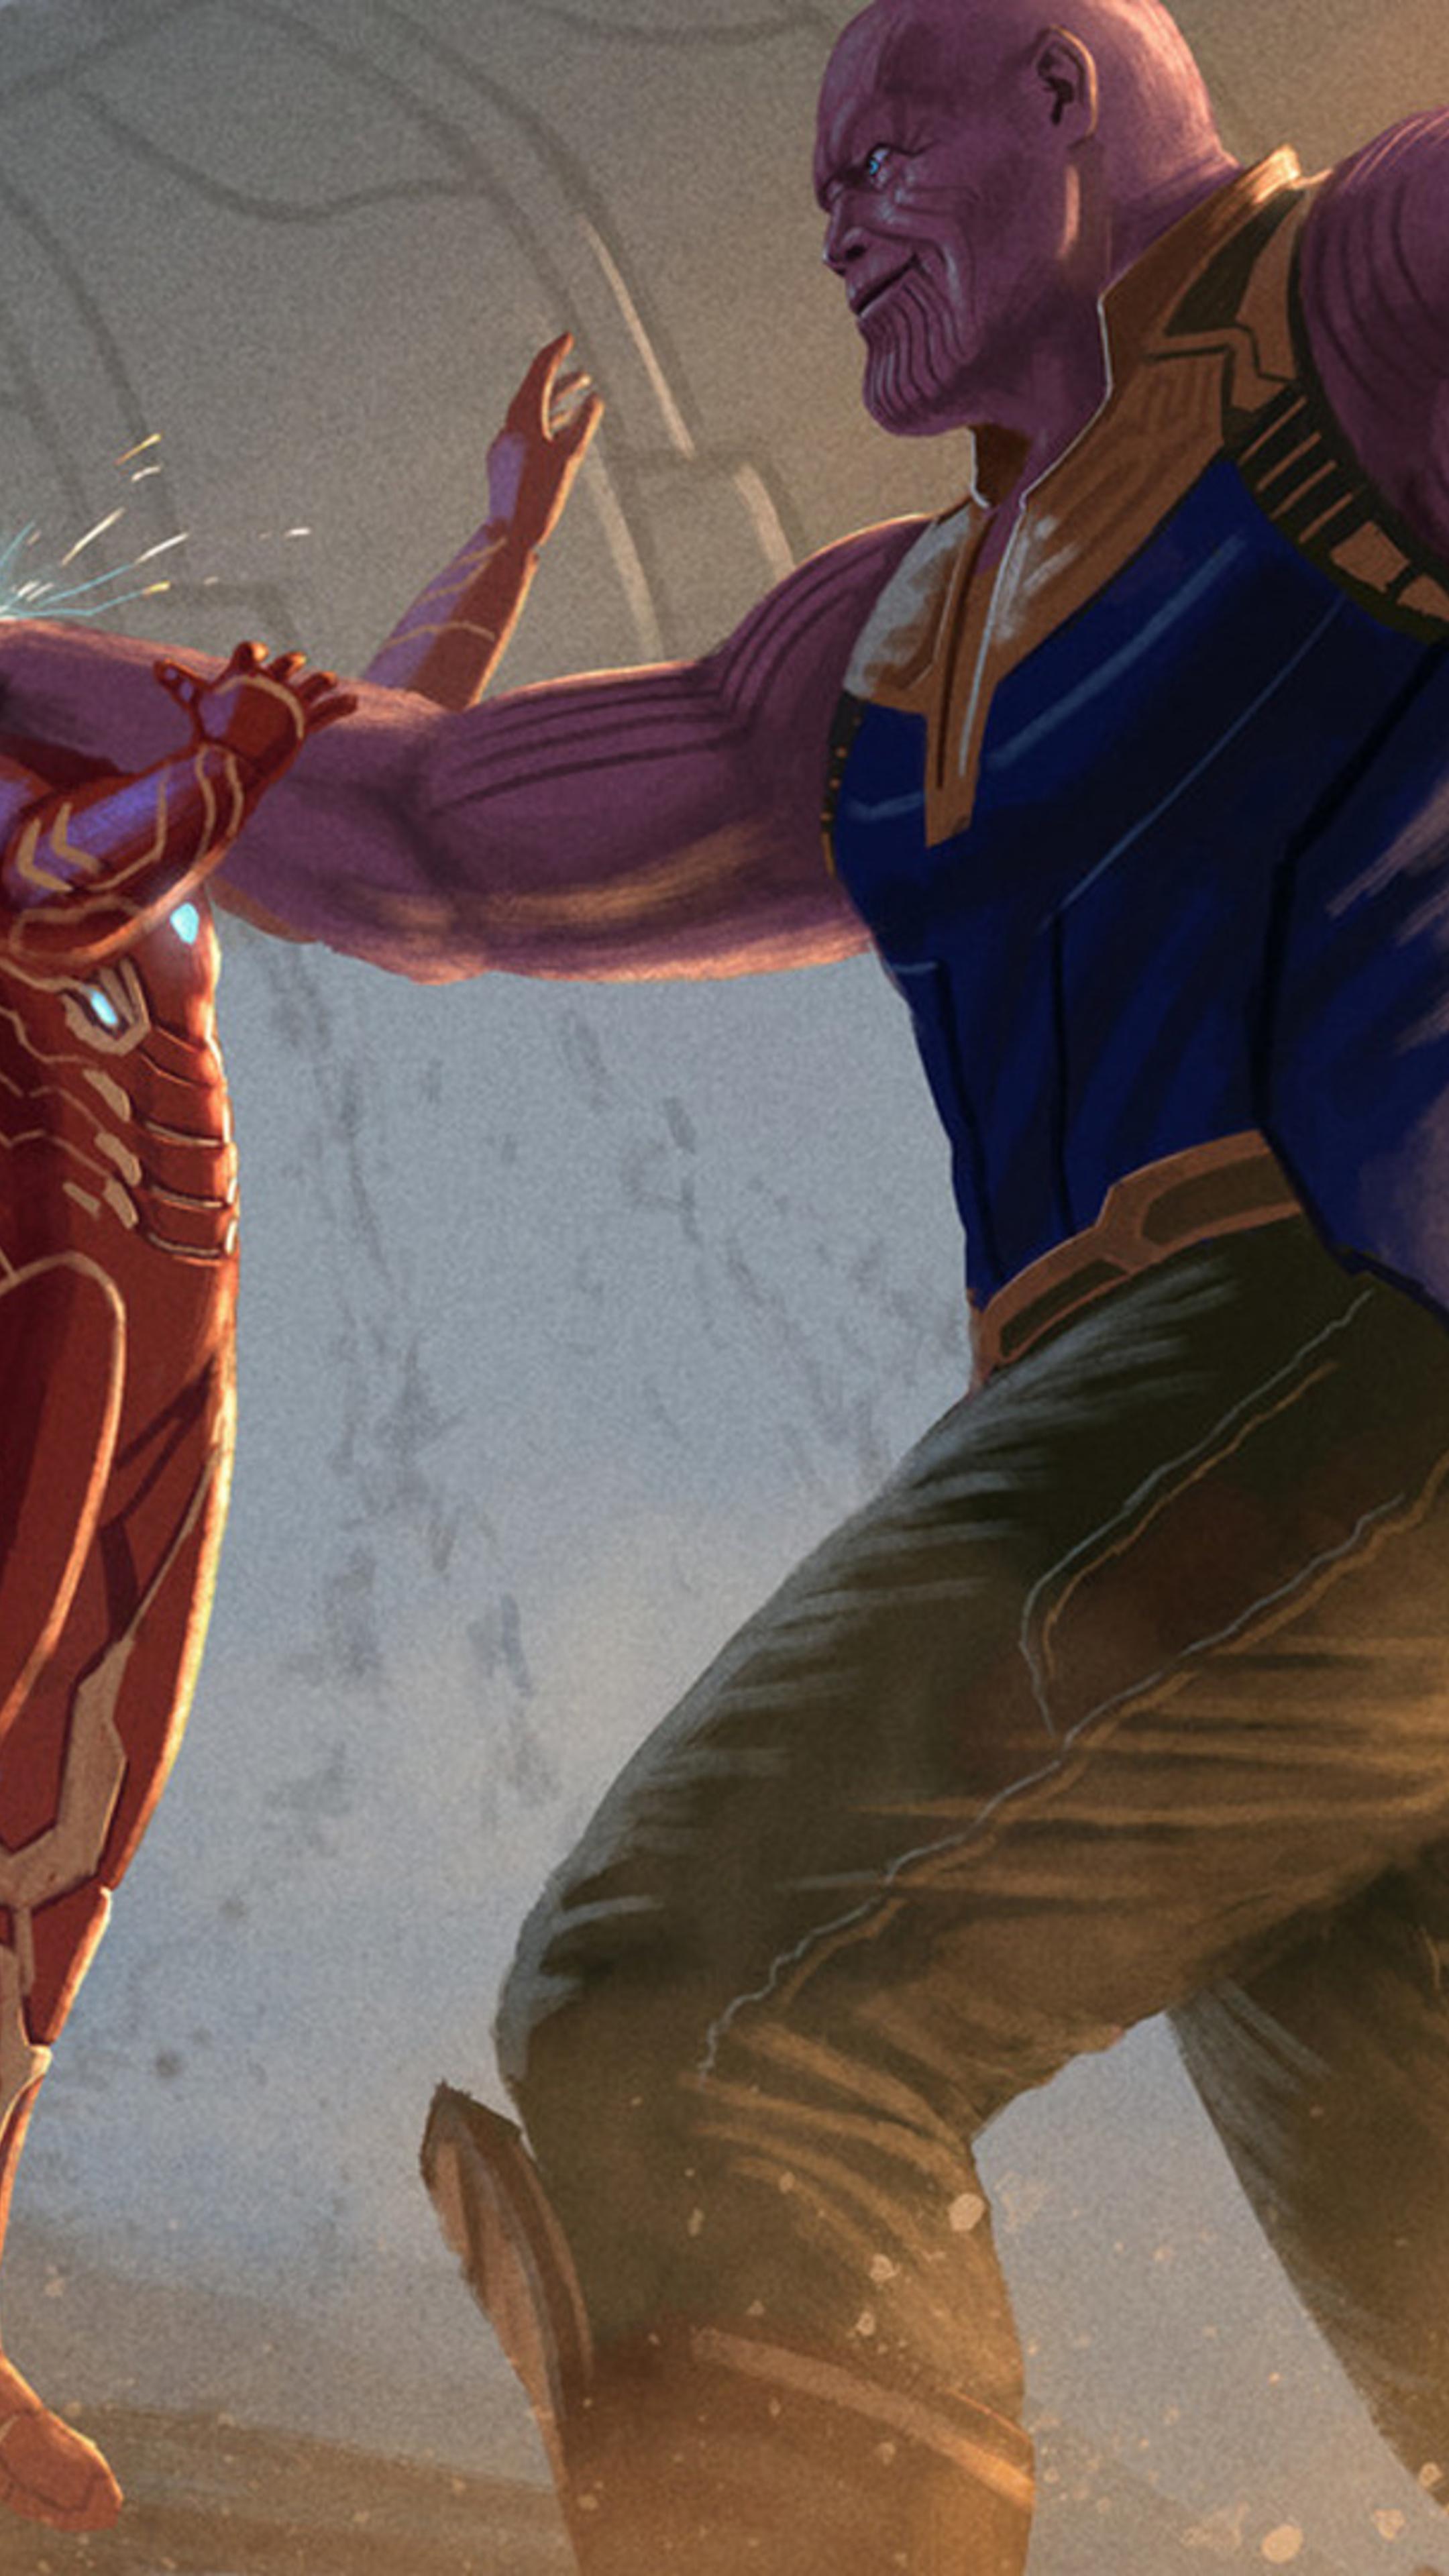 2160x3840 thanos iron man avengers infinity war 2018 - Art wallpaper 2160x3840 ...